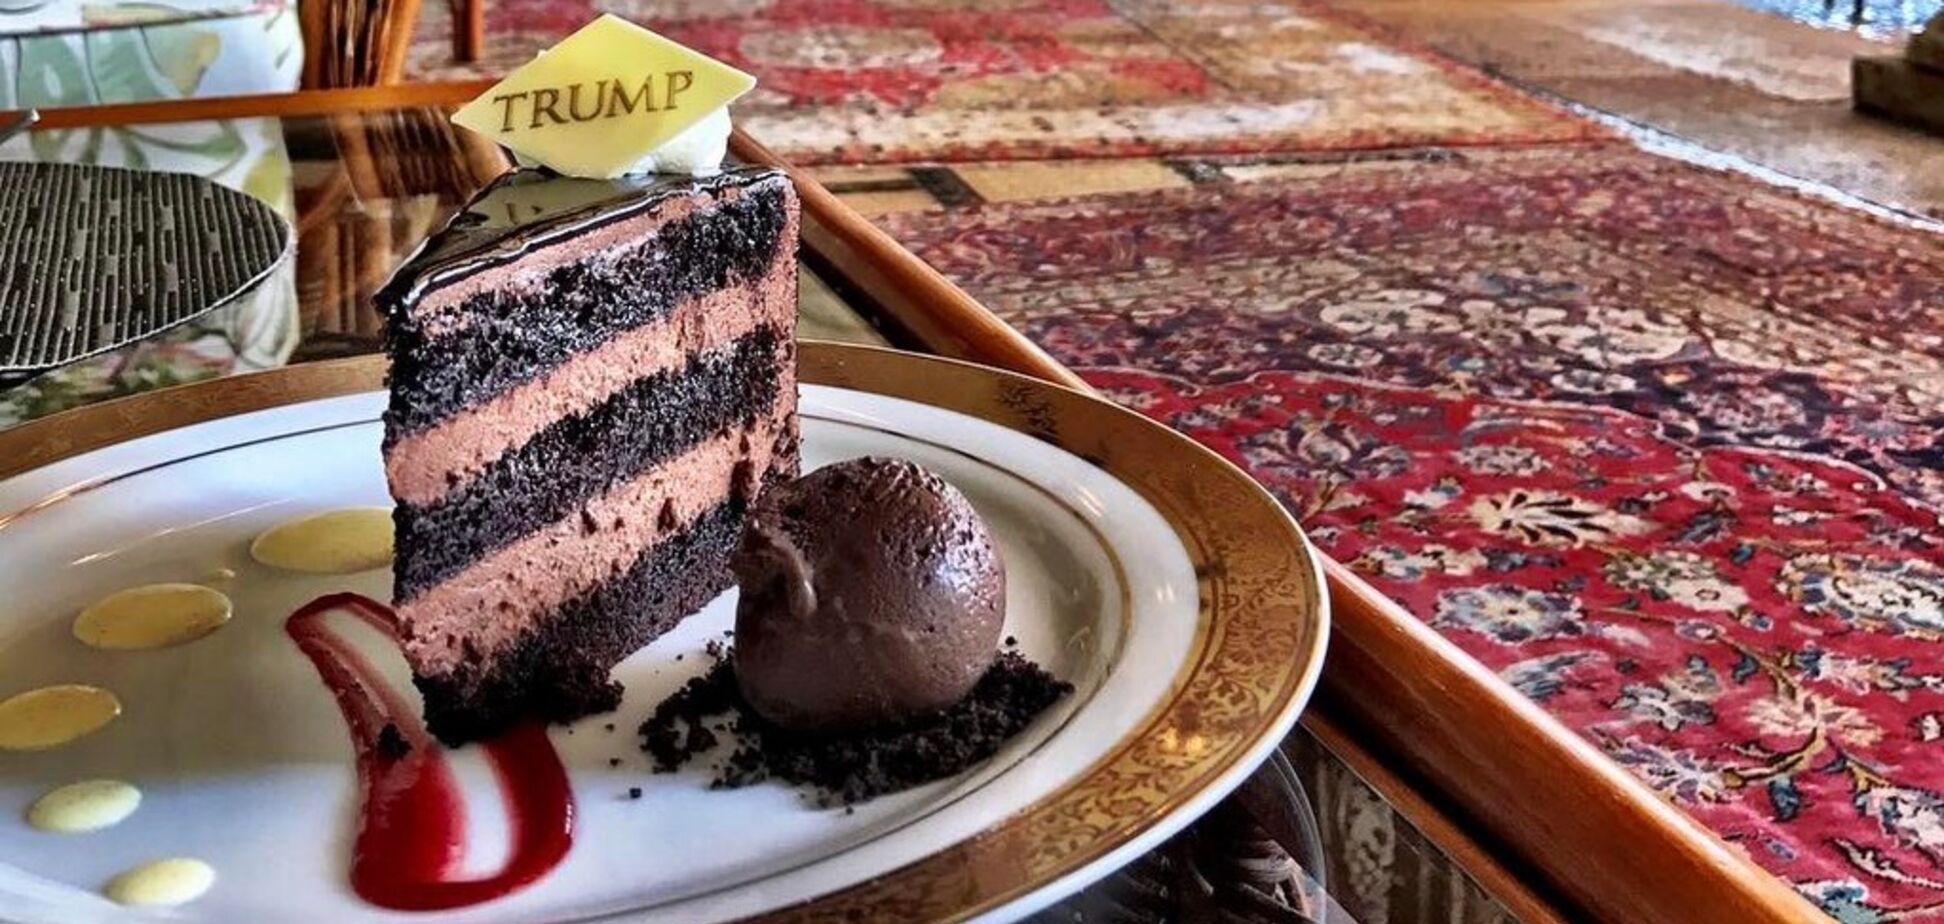 Именно этот шоколадный торт обожает Дональд Трамп: простой рецепт с фото